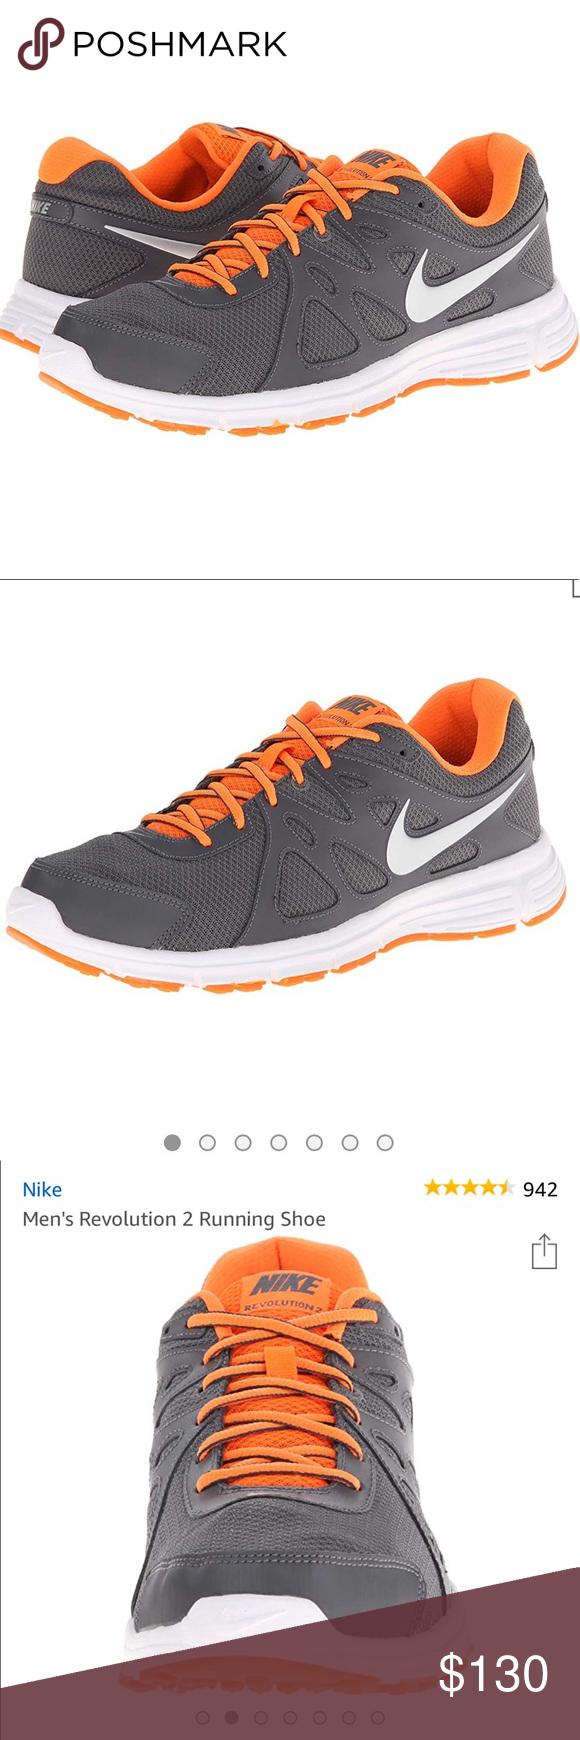 01c2cf402dbb NIKE Revolution 2 Running shoe Dark grey